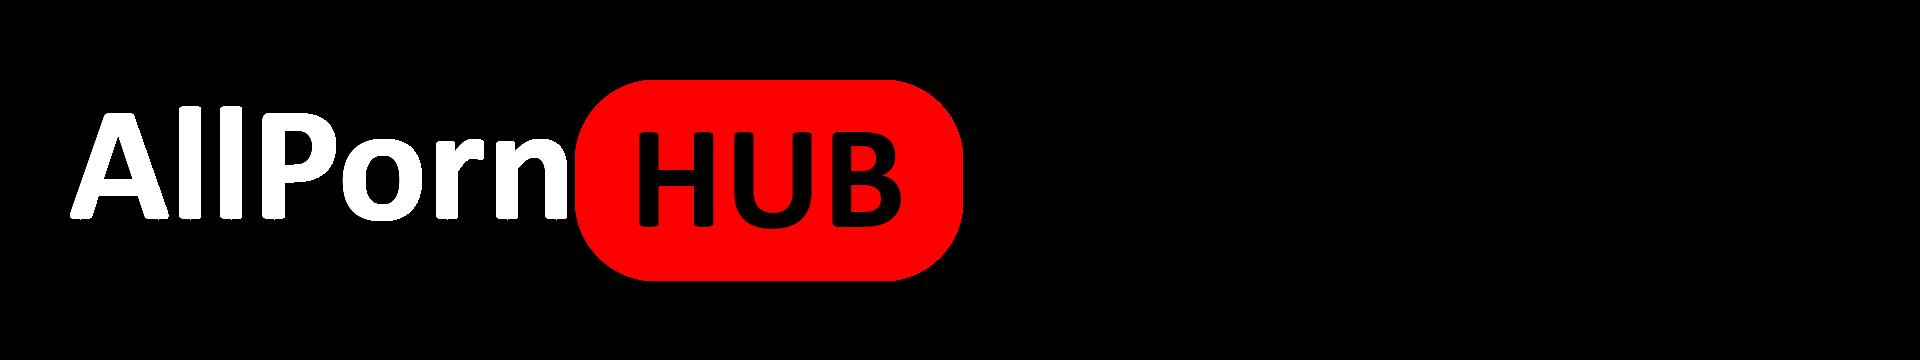 AllPornHub